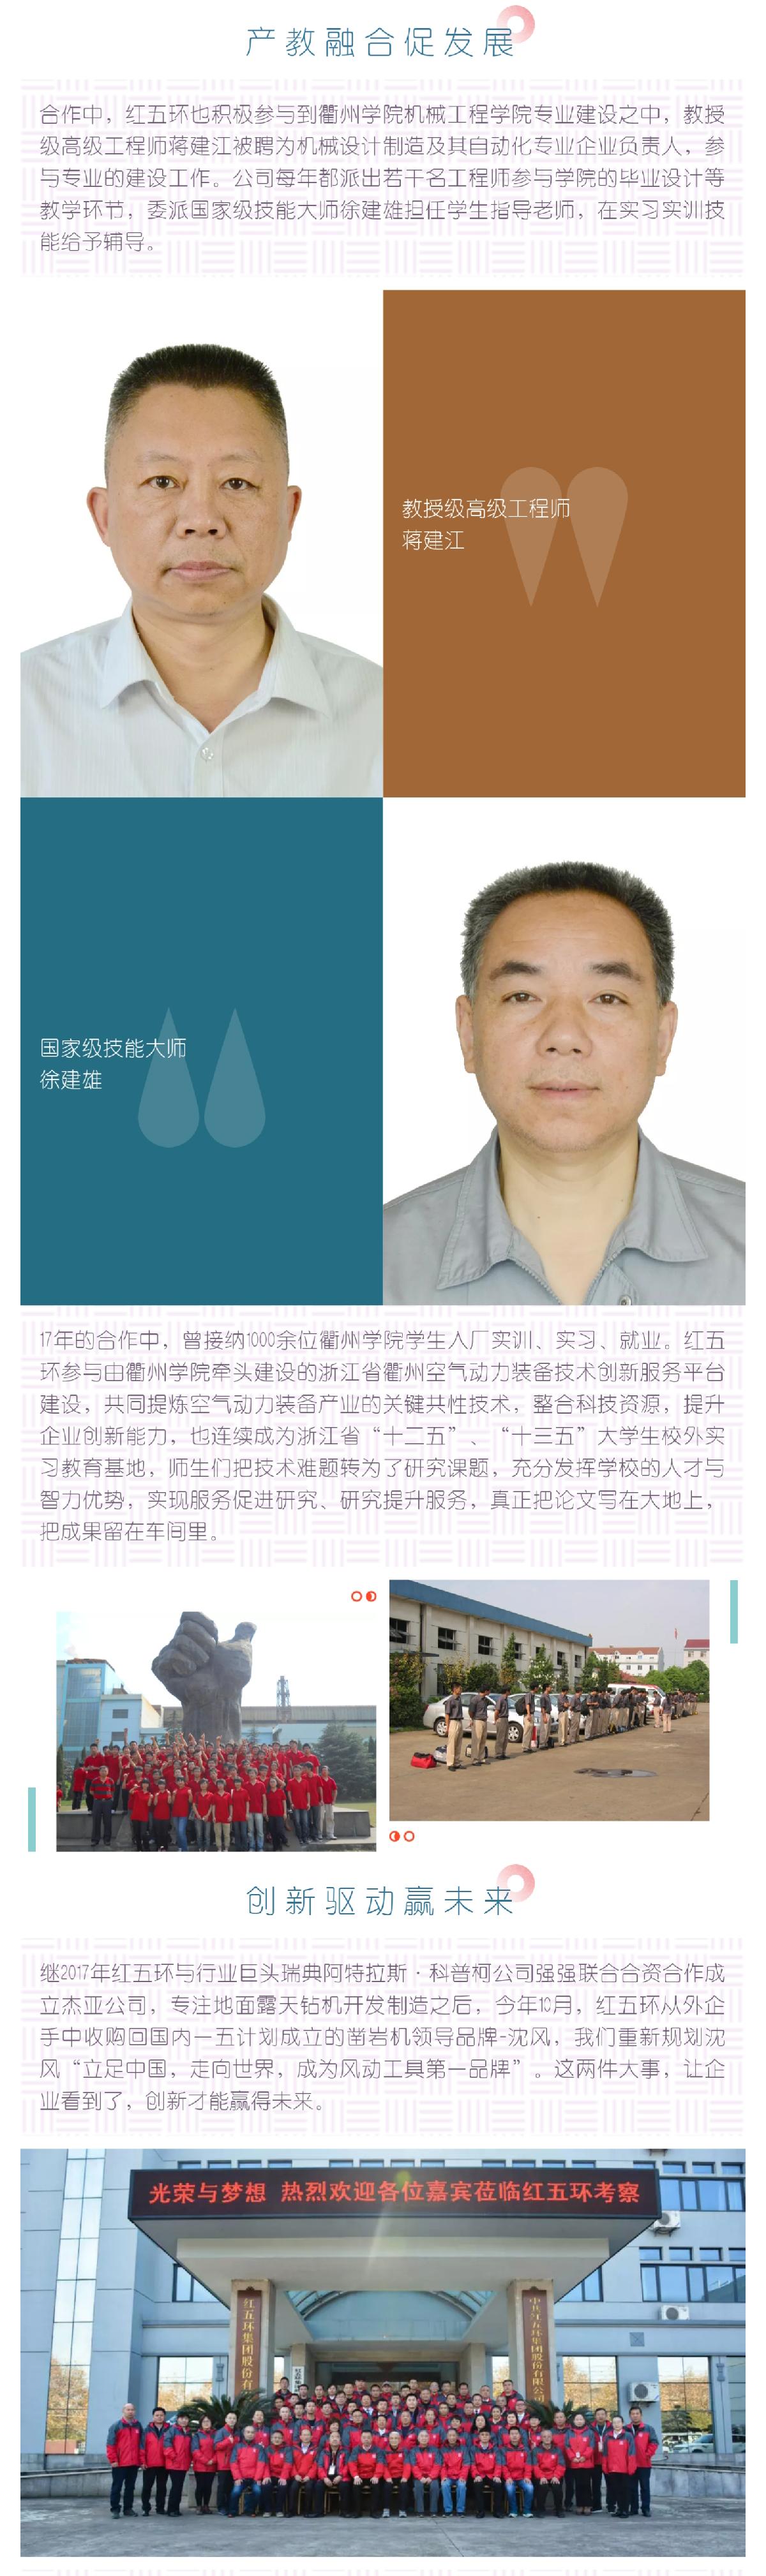 Screenshot_20191220_085134_com.tencent_05